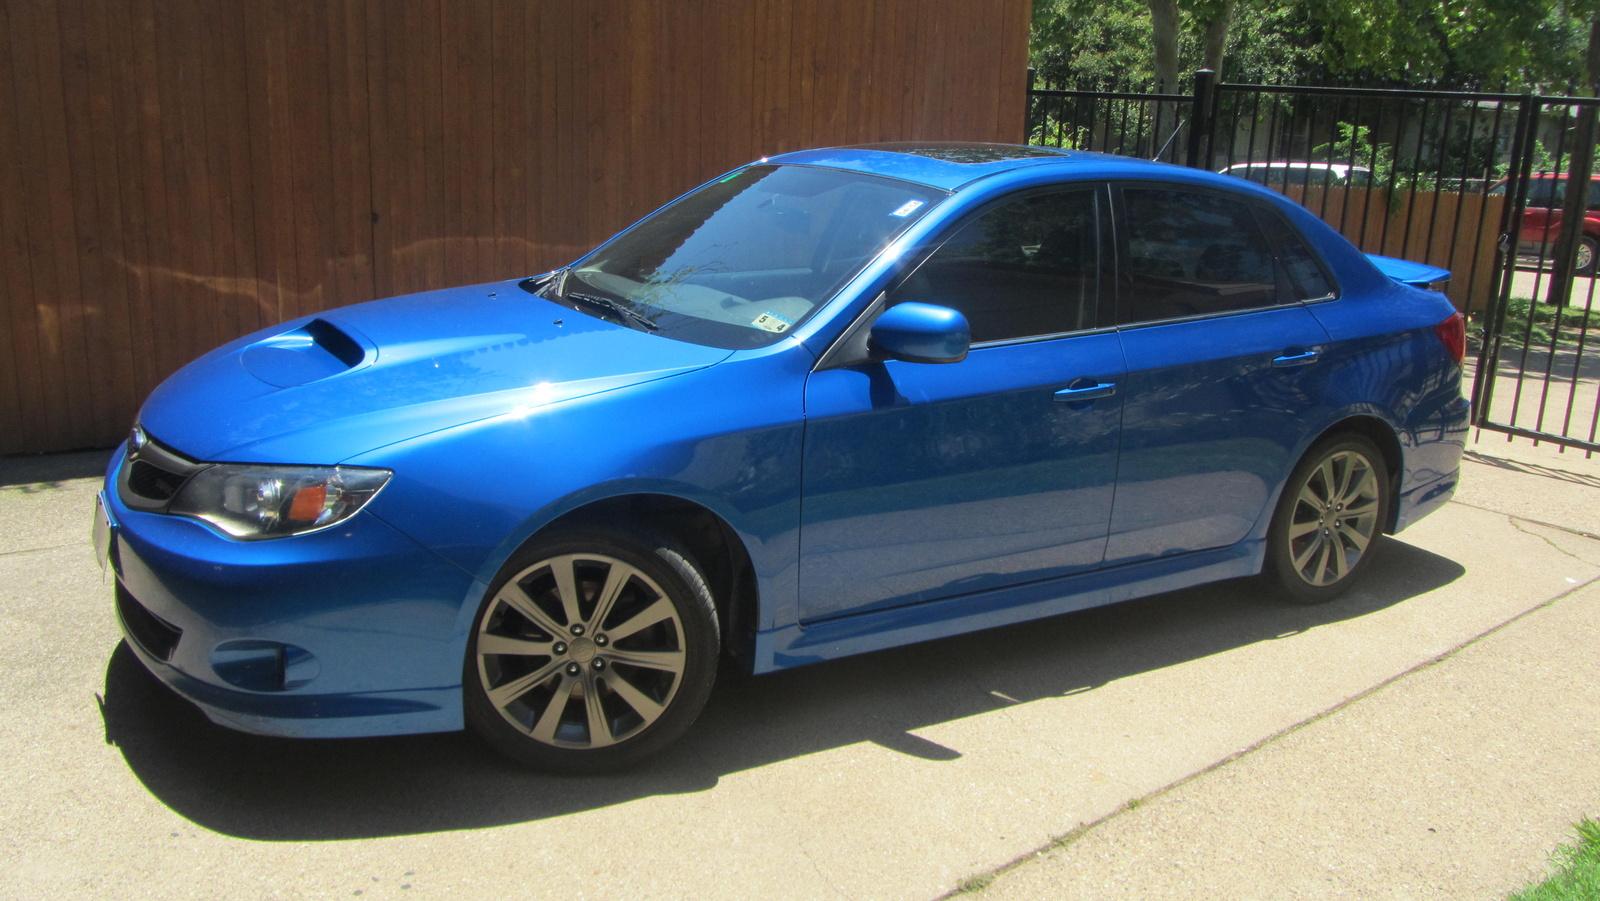 2009 Subaru Impreza Wrx Pictures To Pin On Pinterest